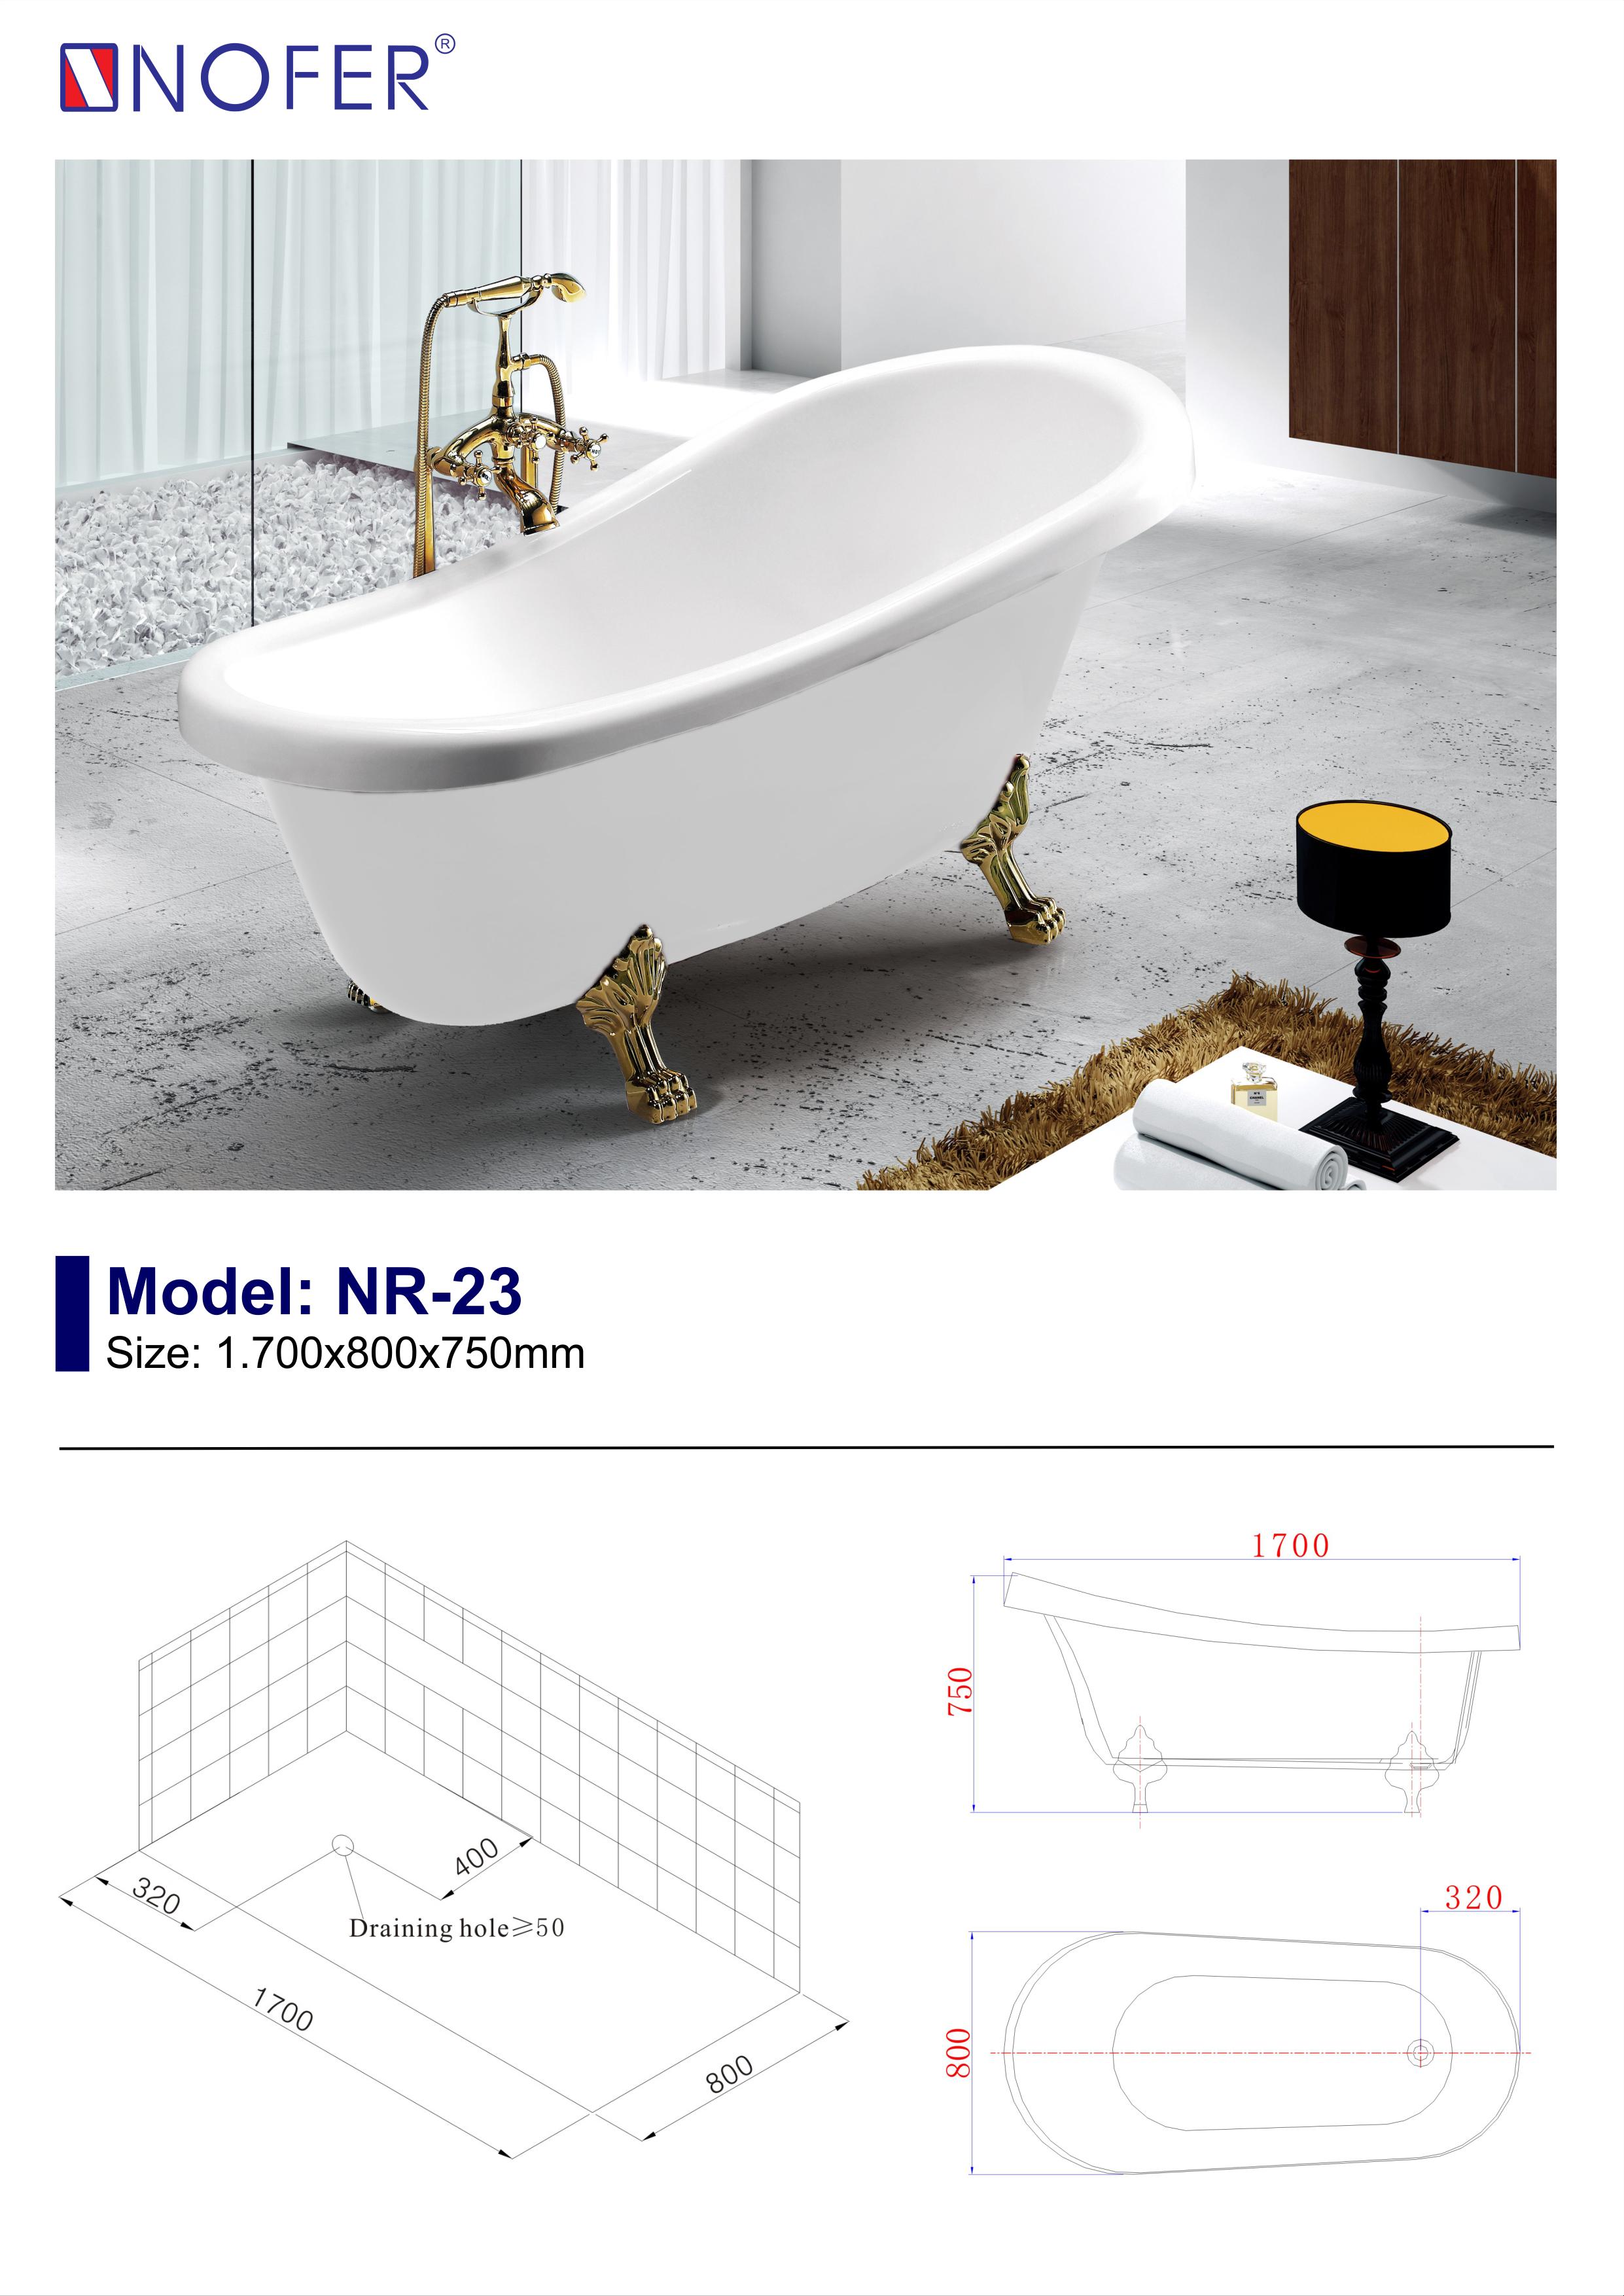 Sơ đồ điện nước NR-23